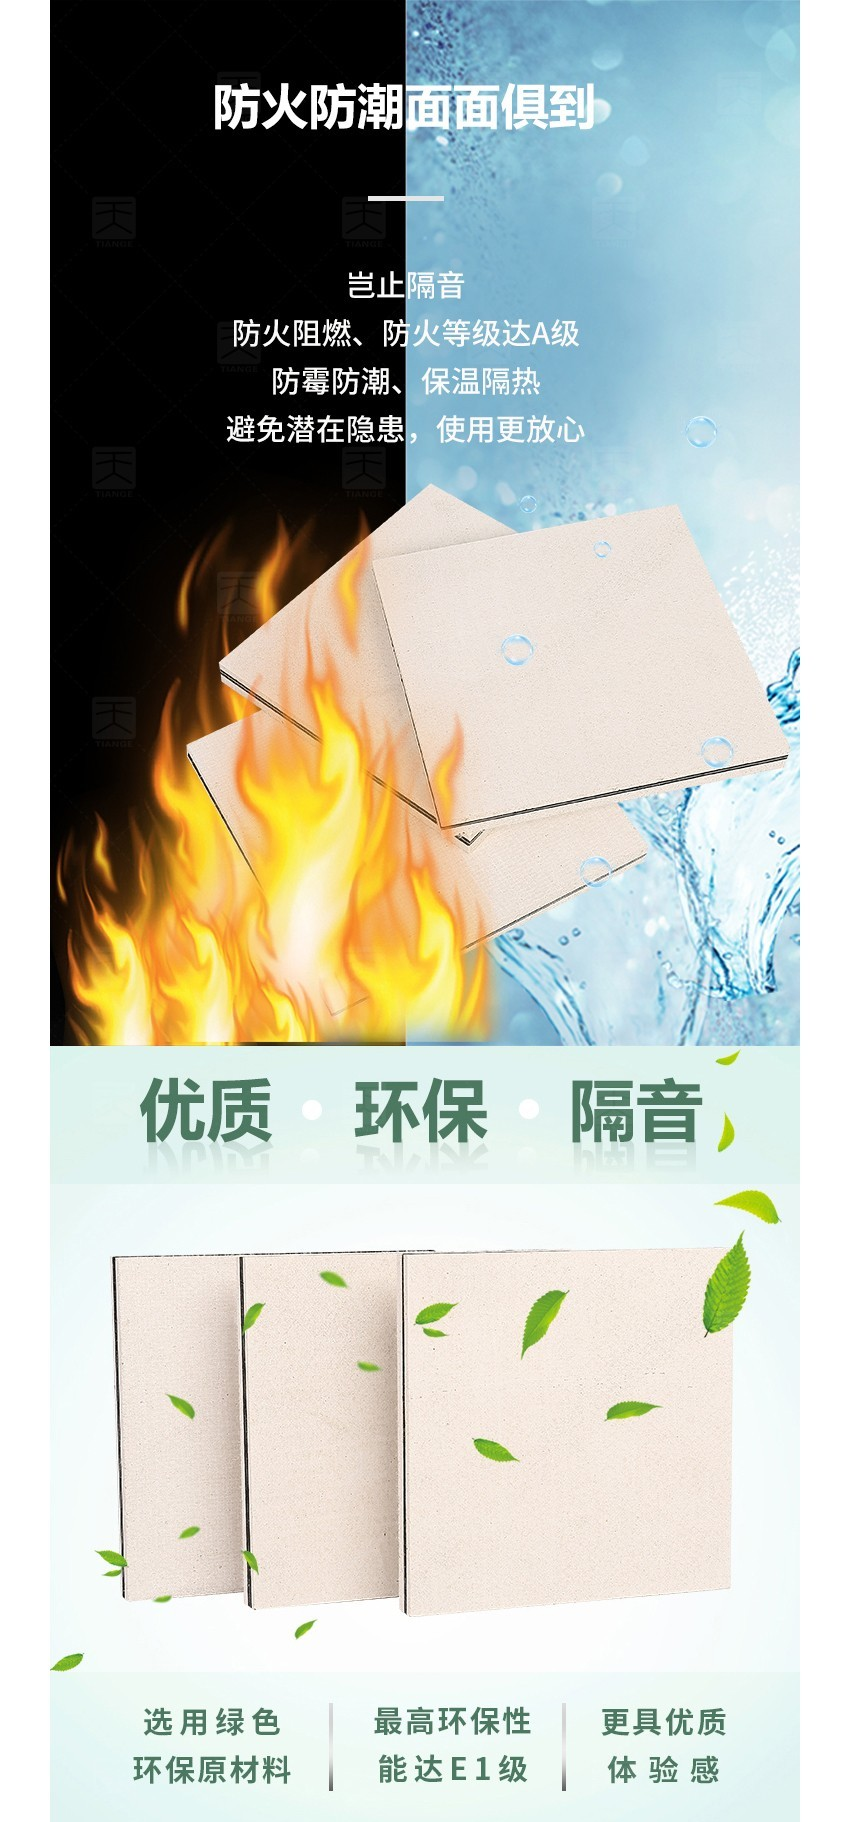 隔音板防火环保